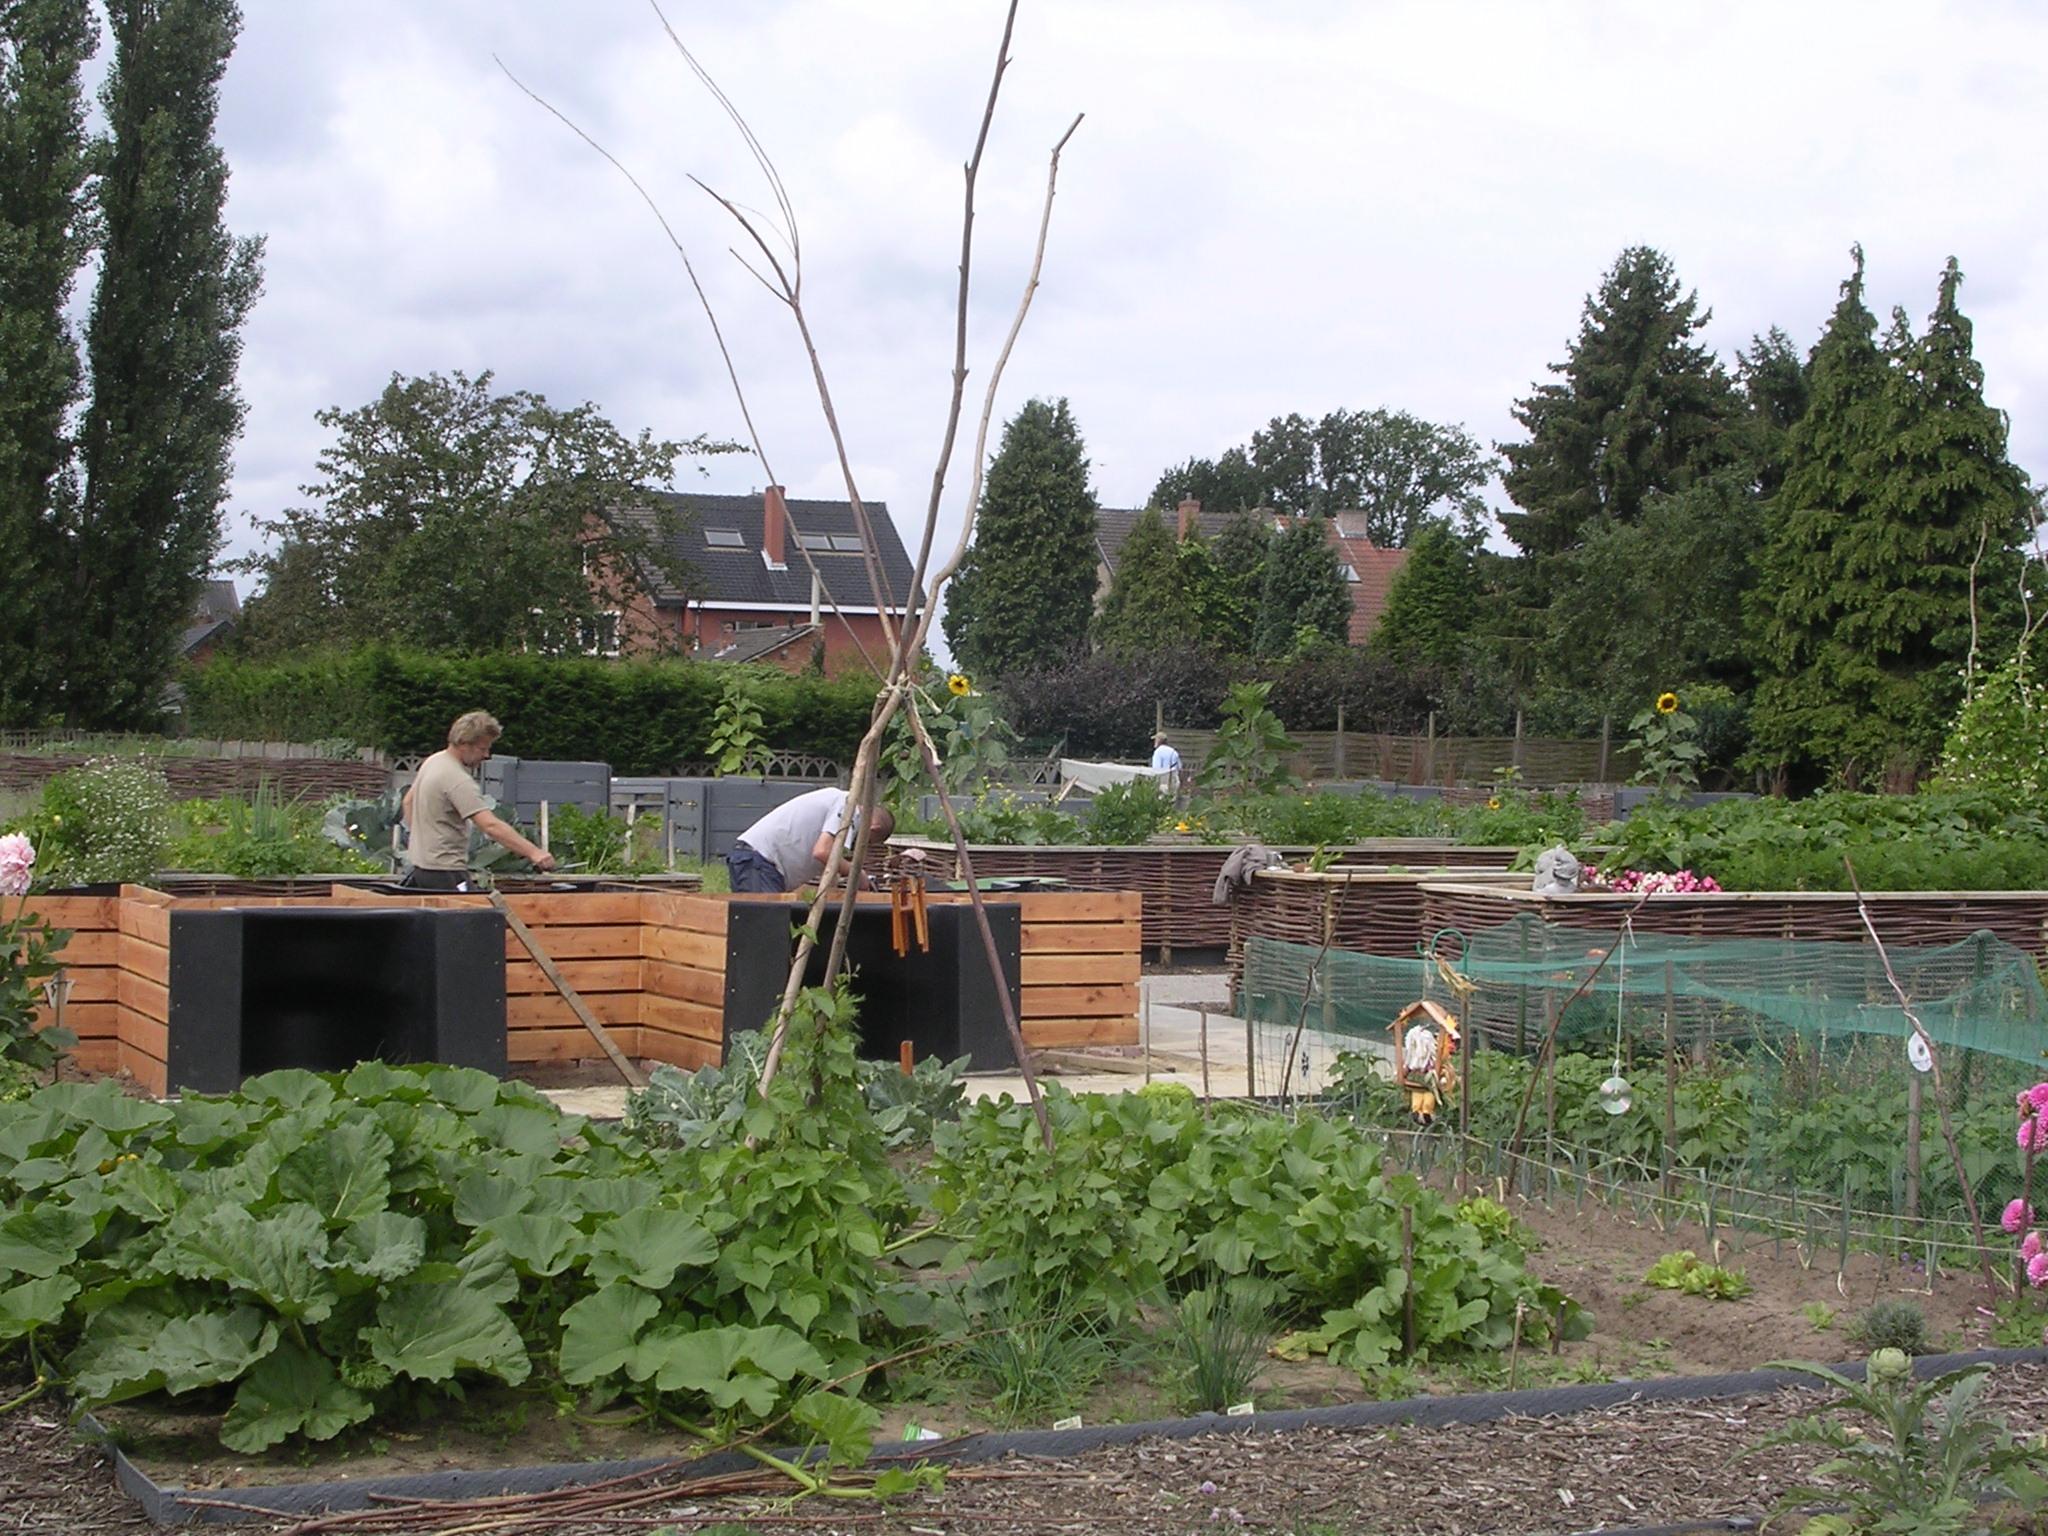 Jardin des familles zonhoven belgique terraform for Jardin belgique